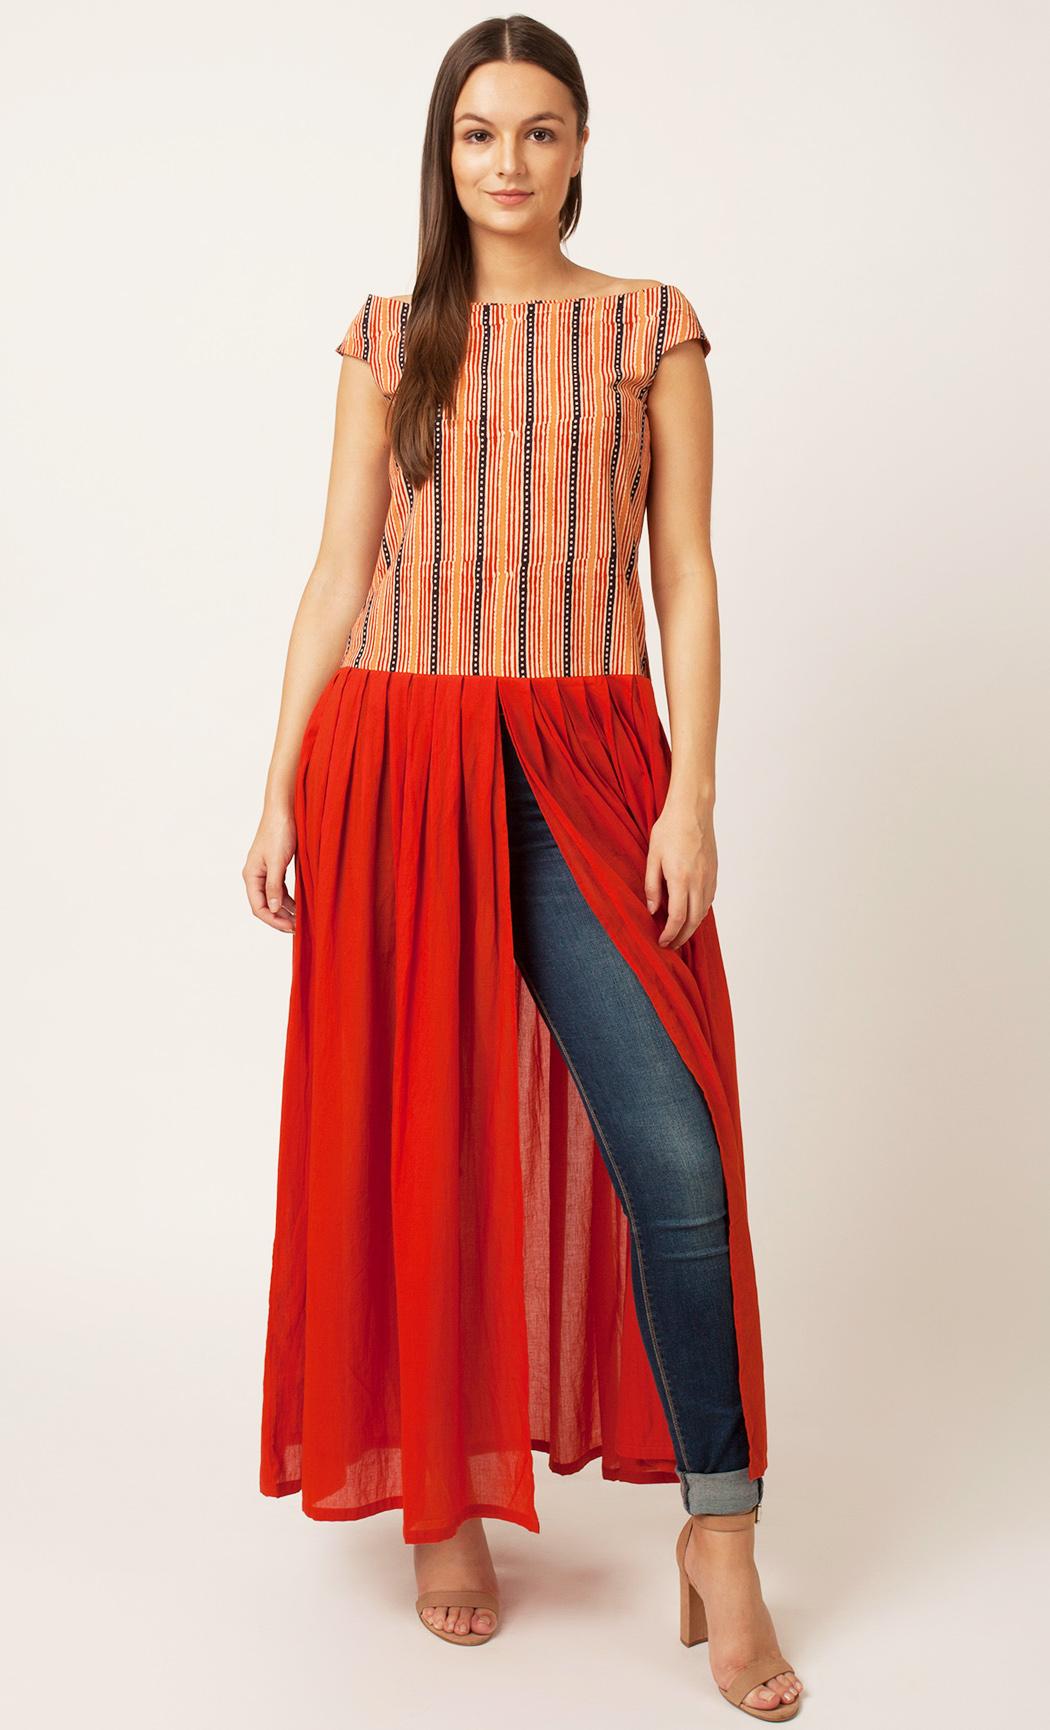 Rust Off- Shoulder Dress. Buy Online